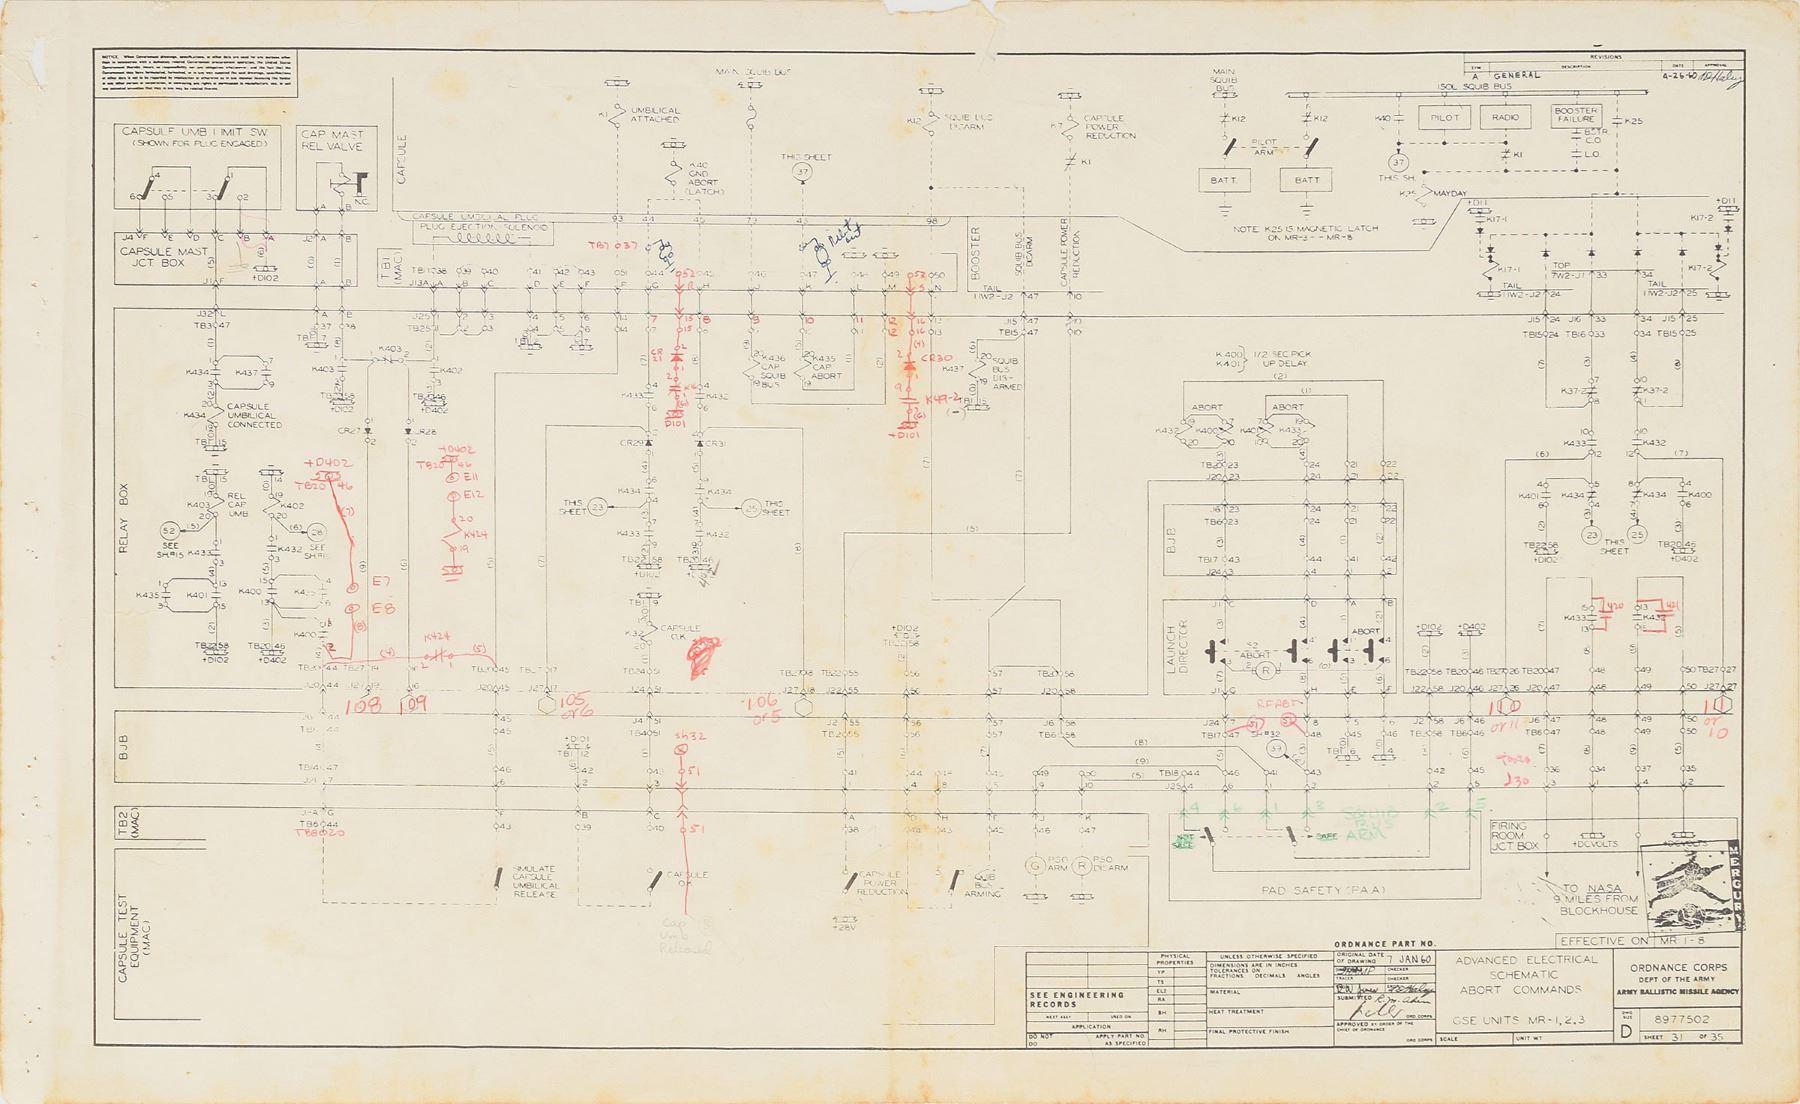 image 3 : mercury redstone 1960 gse electronics schematics